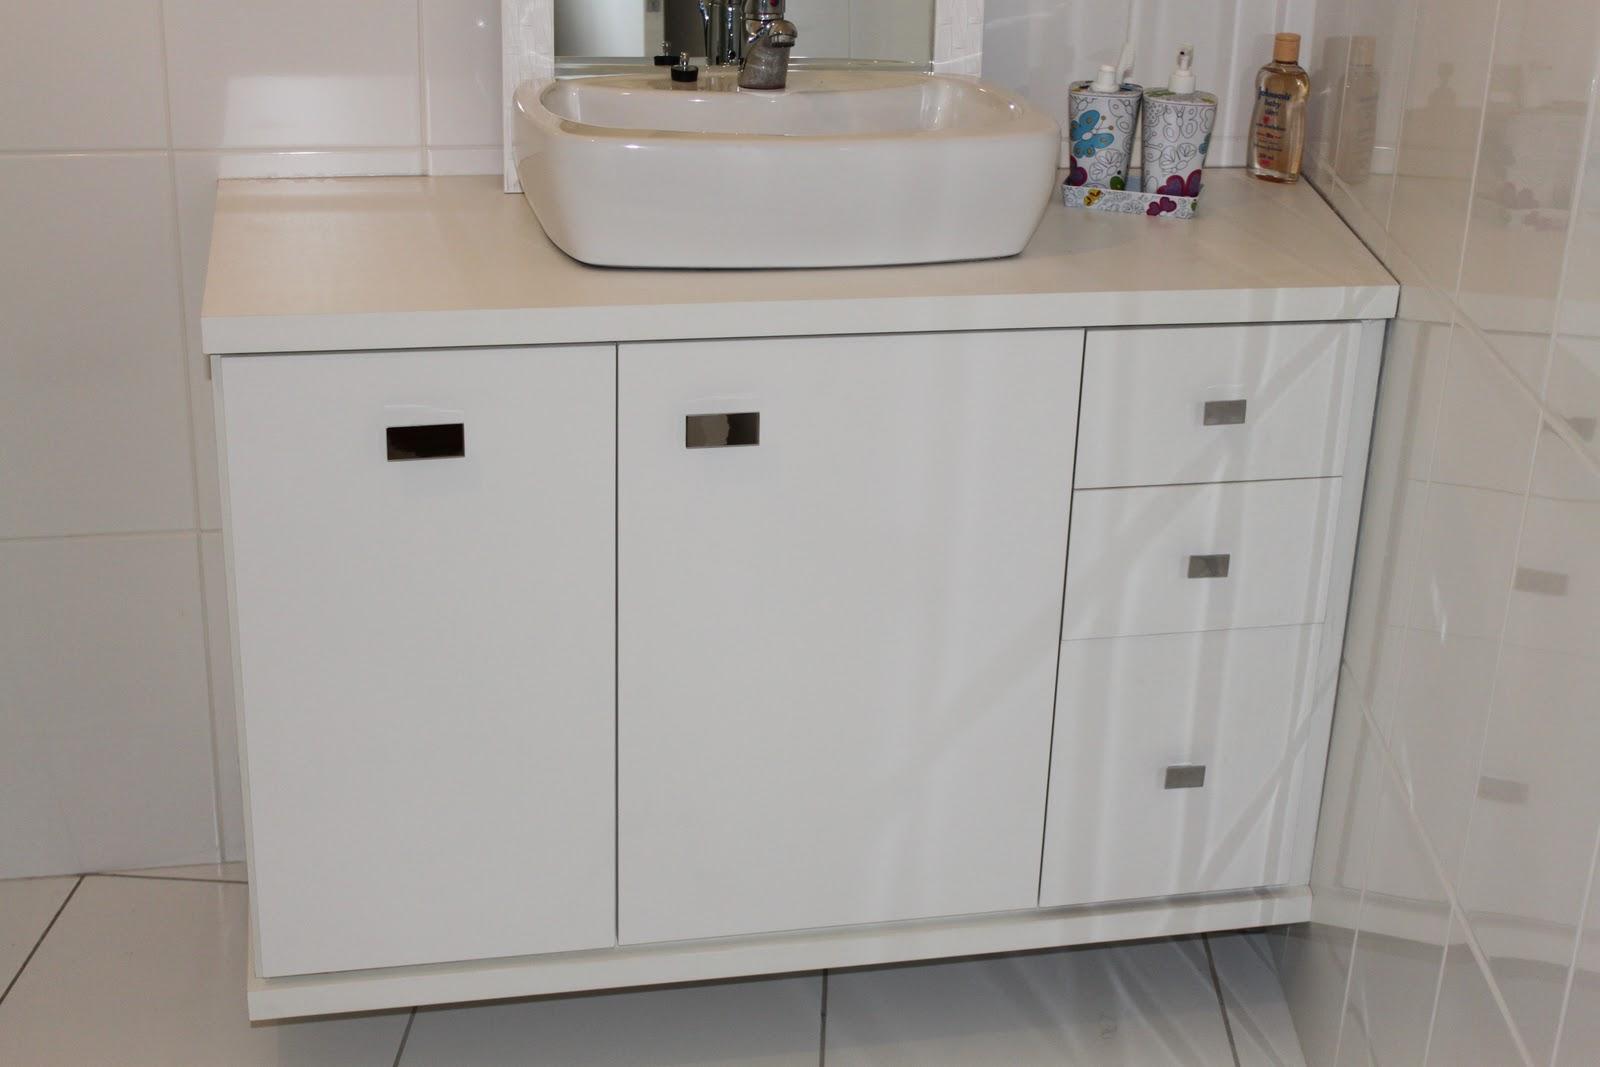 Pin Quanto Custa De Pias De Mármore Para Cozinha on Pinterest -> Armario Banheiro Aco Inox